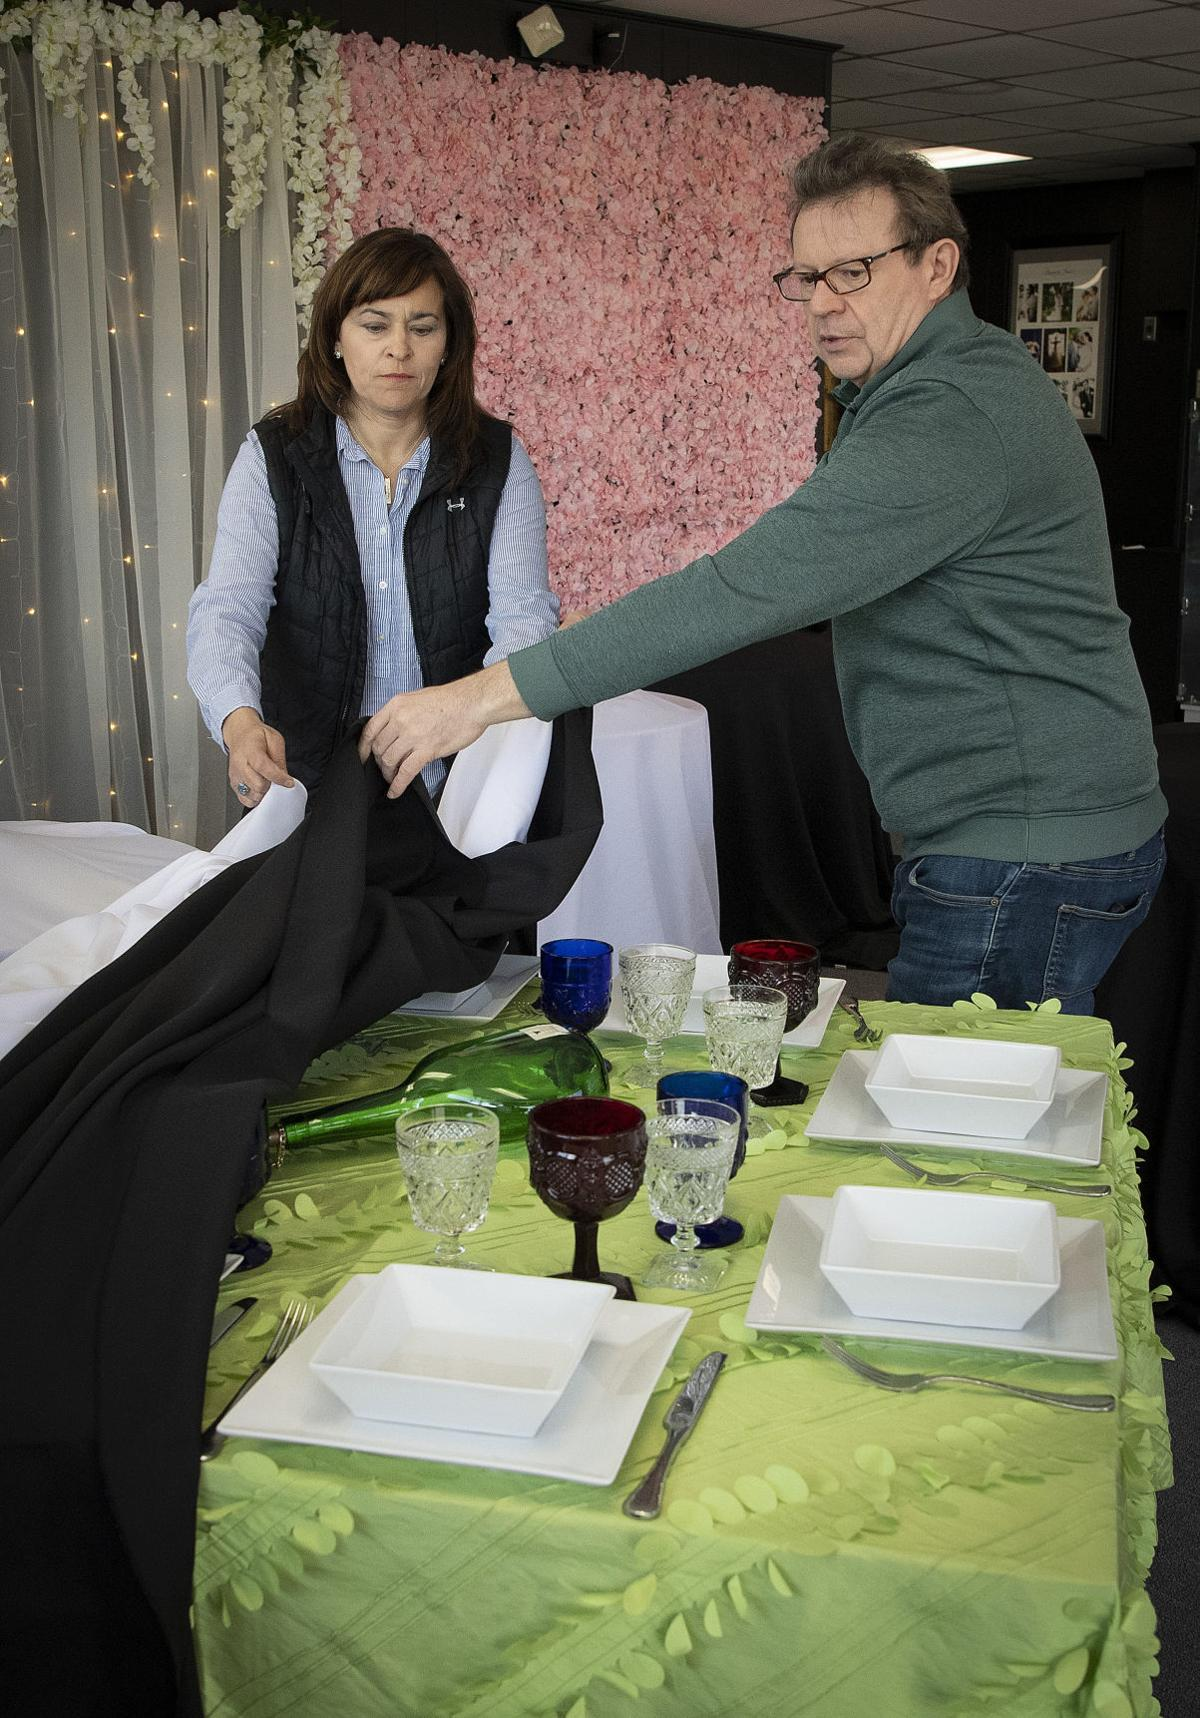 COVID Tent Event